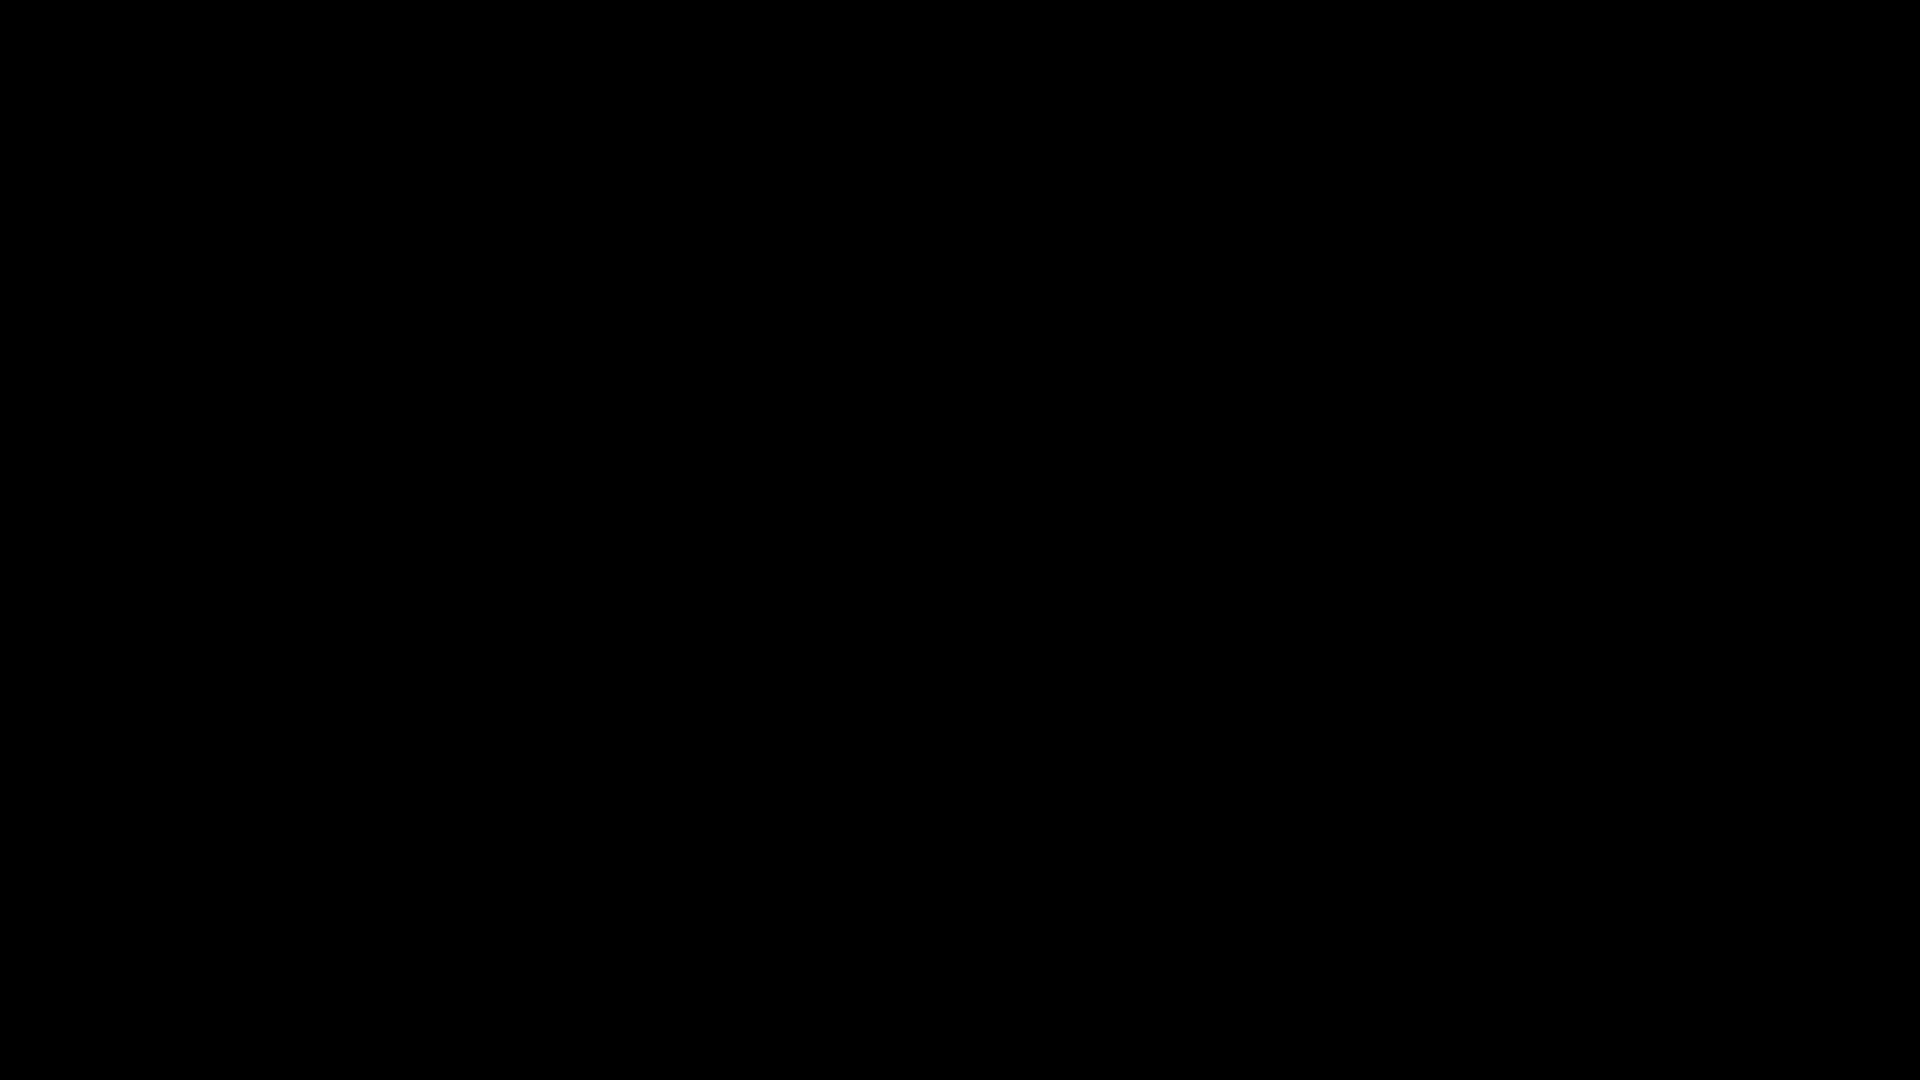 高画質露天女風呂観察 vol.032 露天風呂 スケベ動画紹介 101連発 23